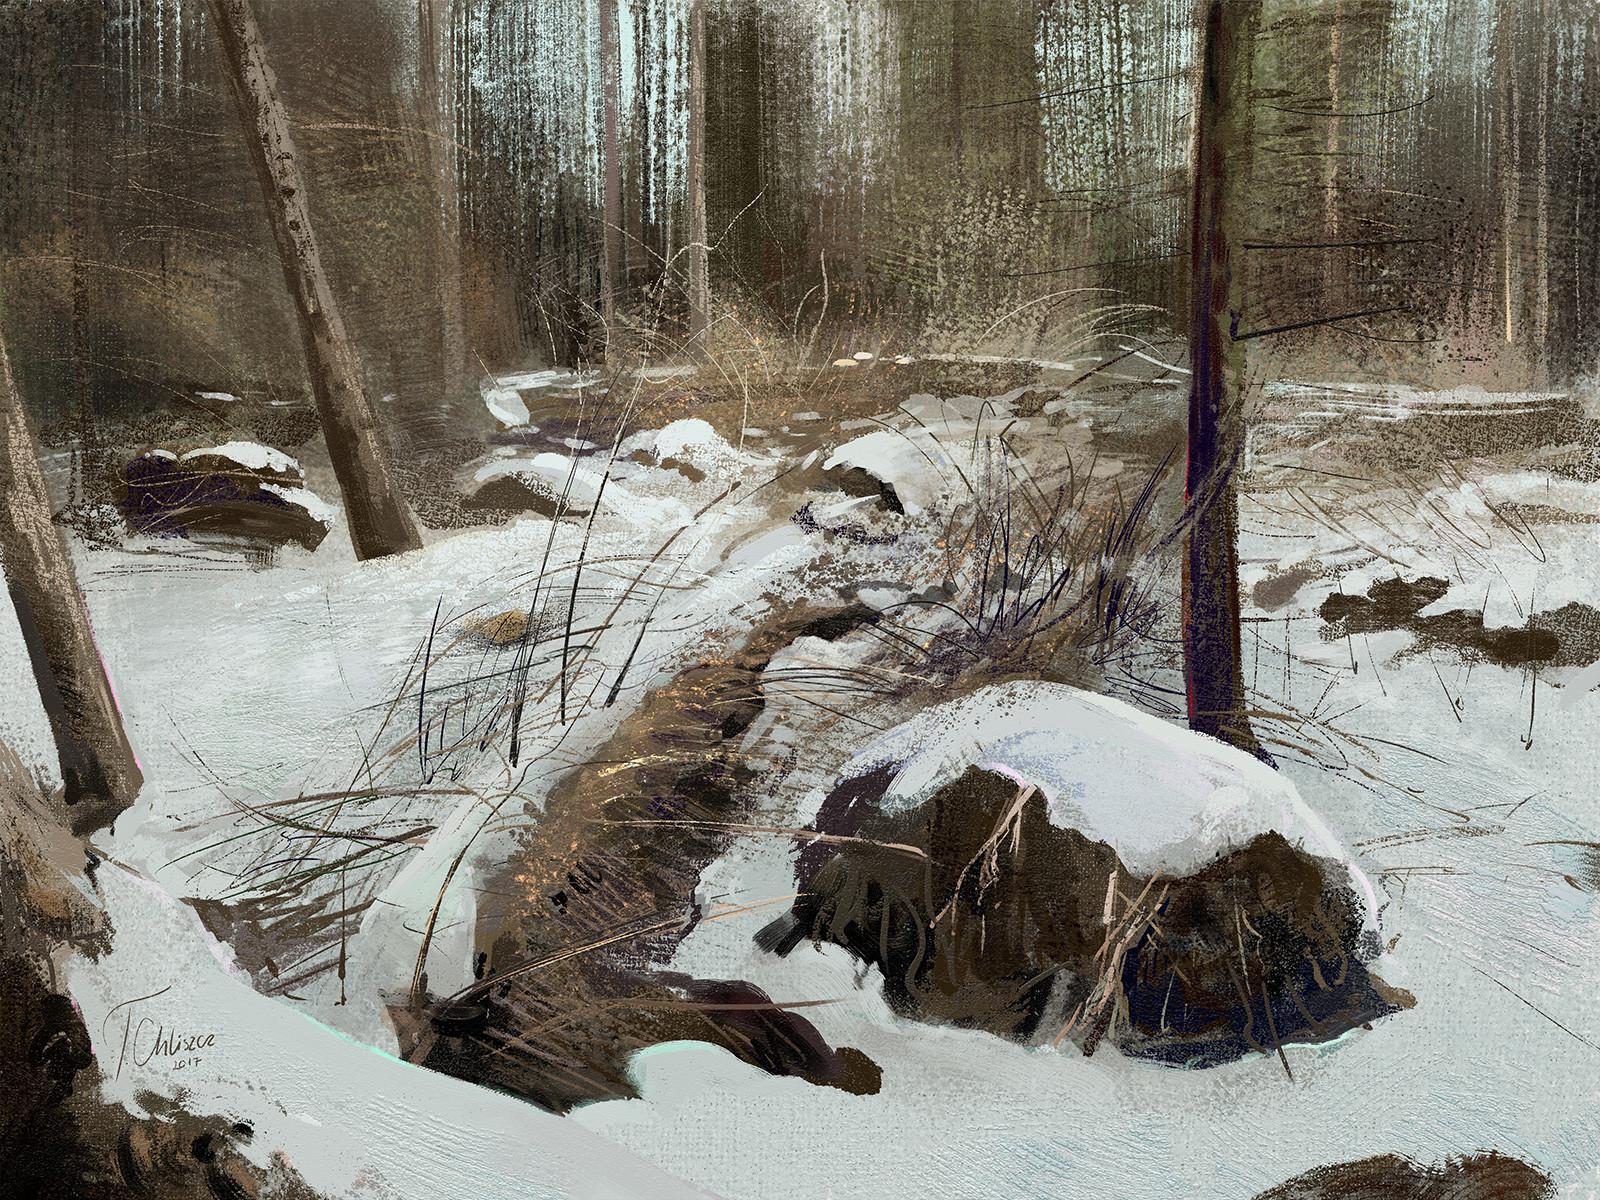 Tymoteusz chliszcz landscape33 by chliszcz